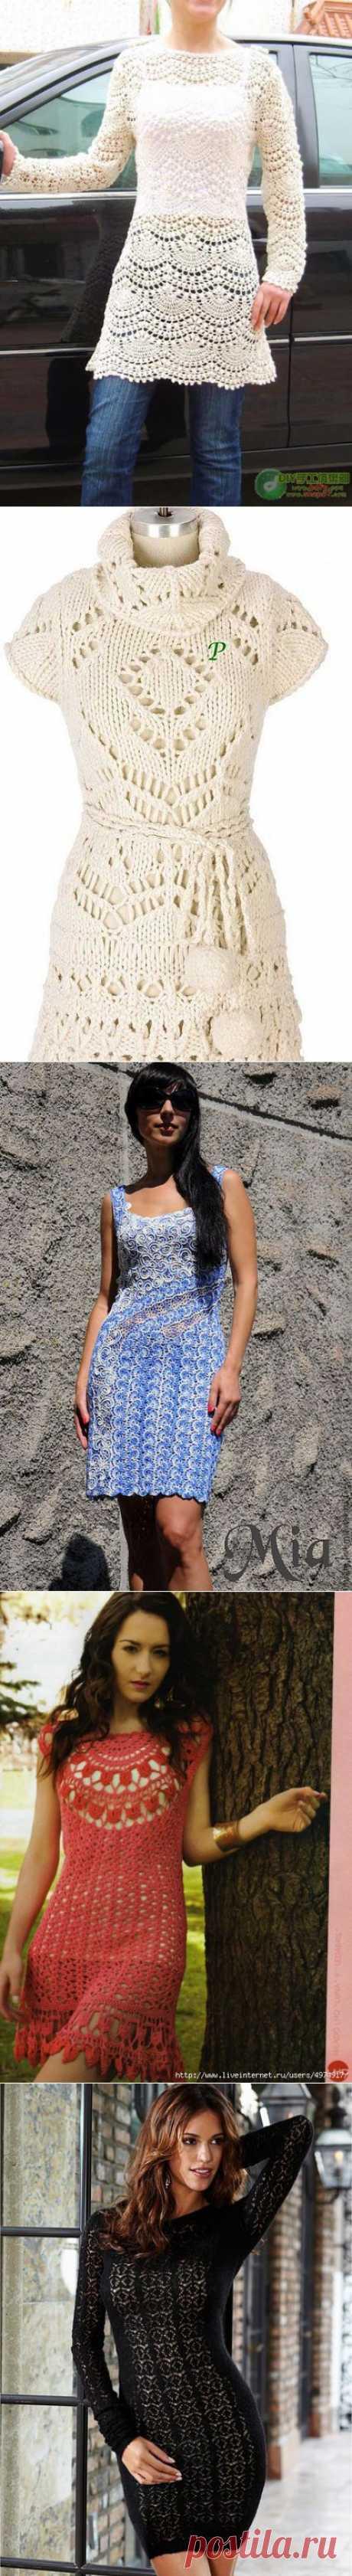 Платье.Подборка.